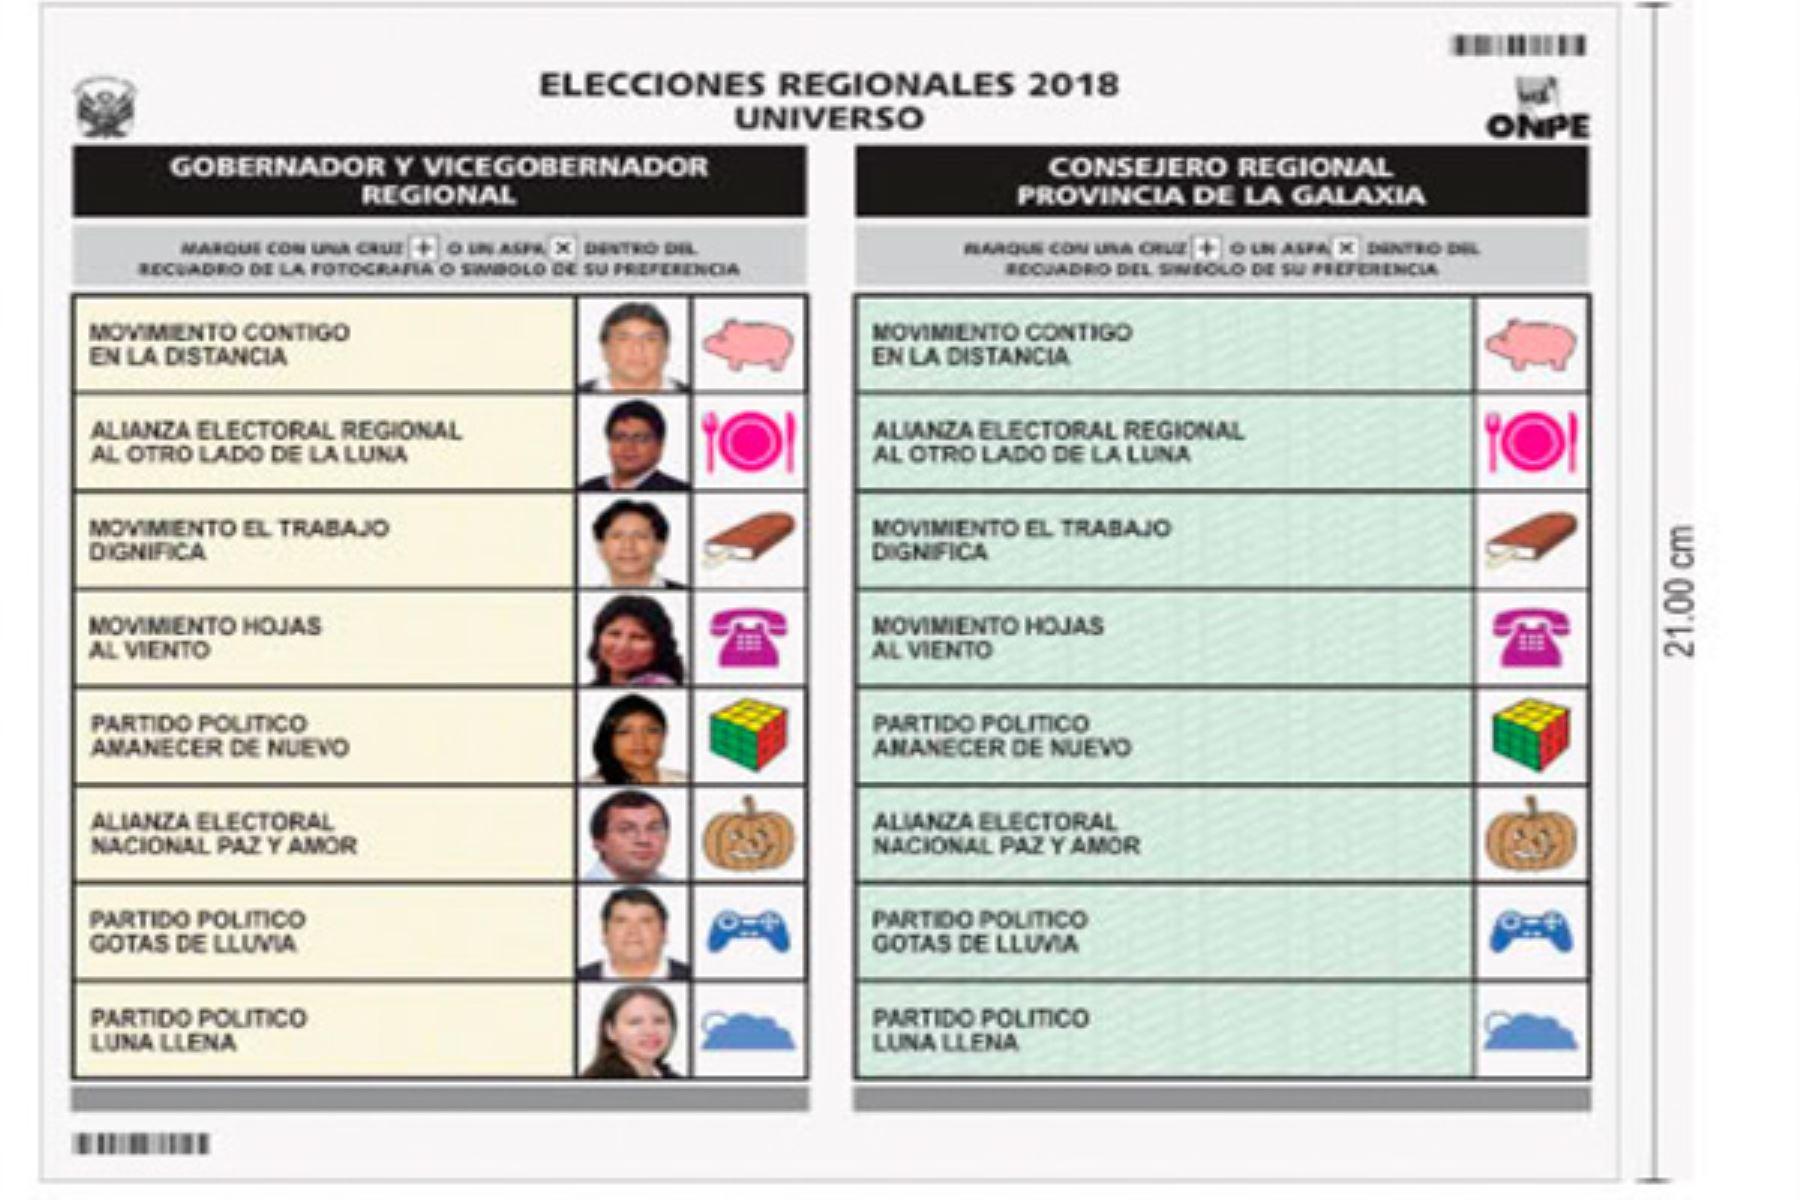 Cédula de Sufragio para Elecciones Regionales y Municipales 2018